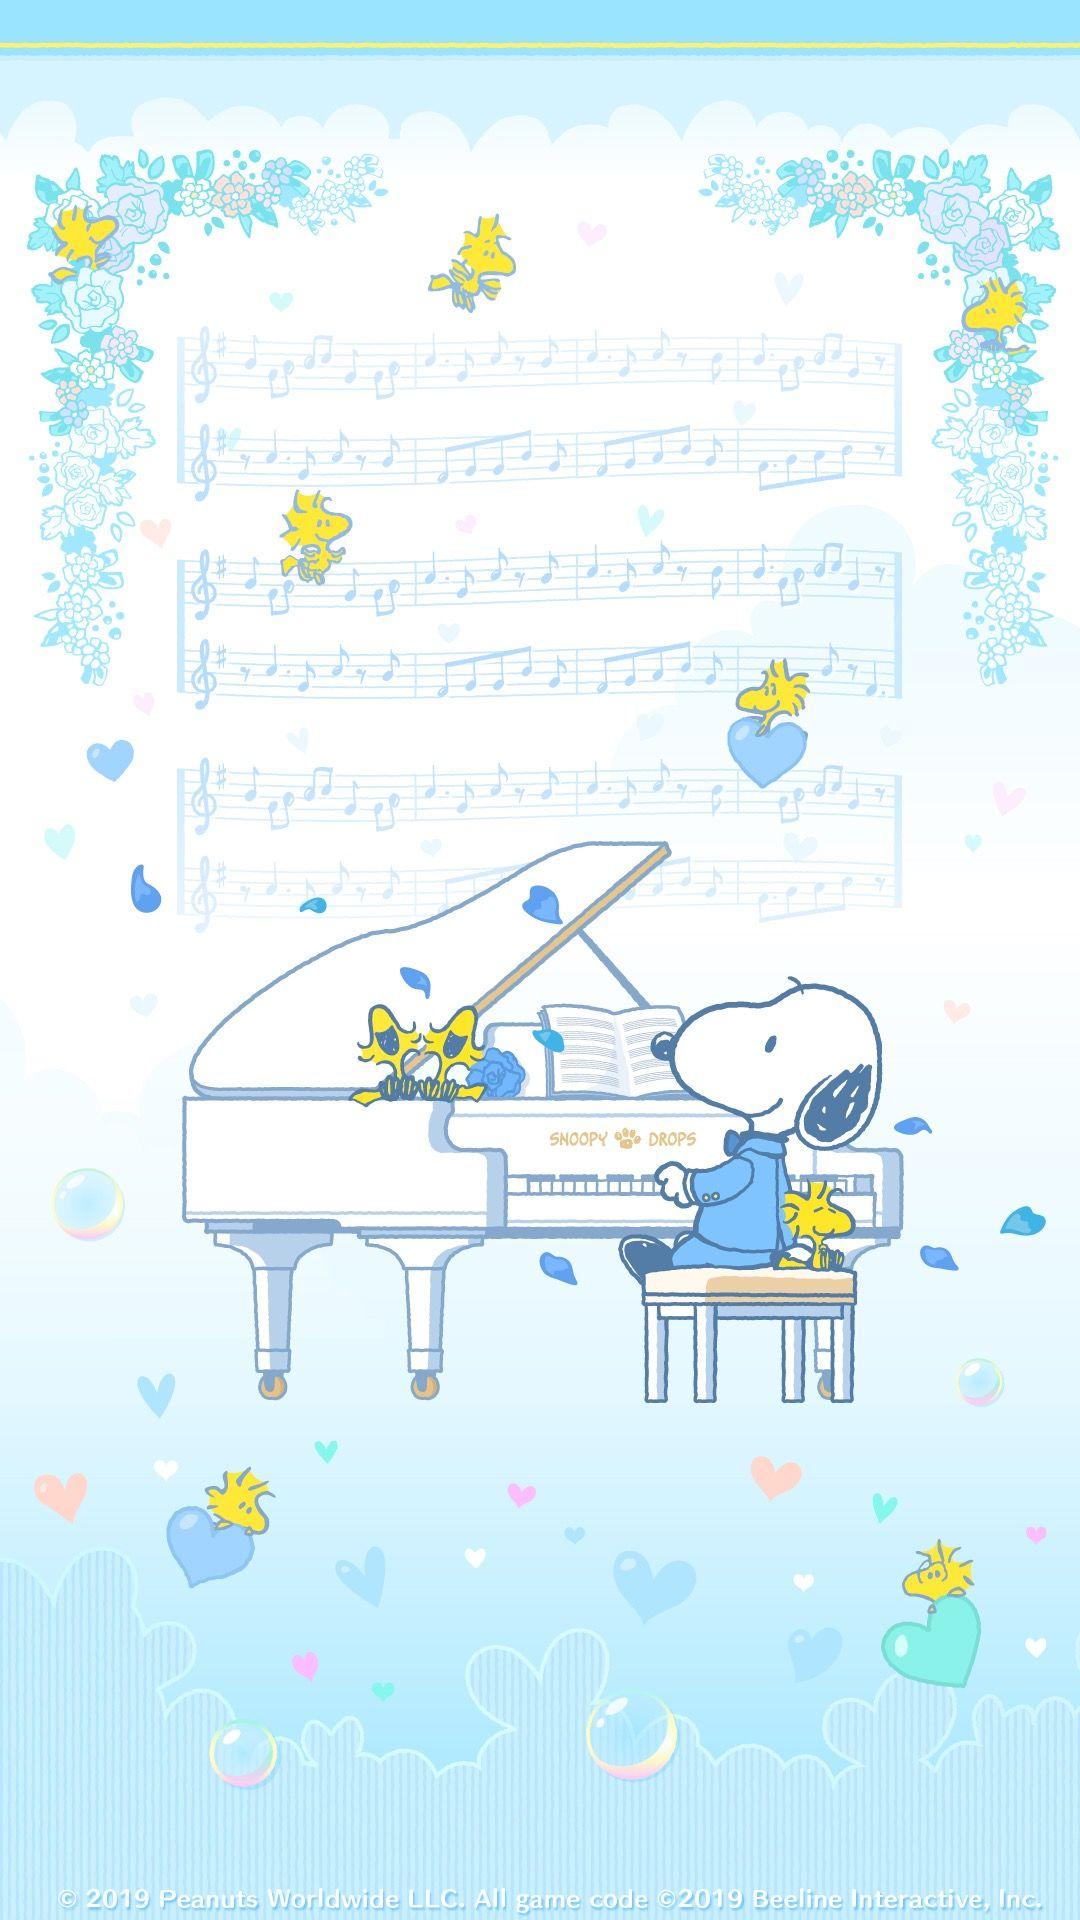 Snoopy スヌーピー ホワイトデー 2019 スヌーピーの壁紙